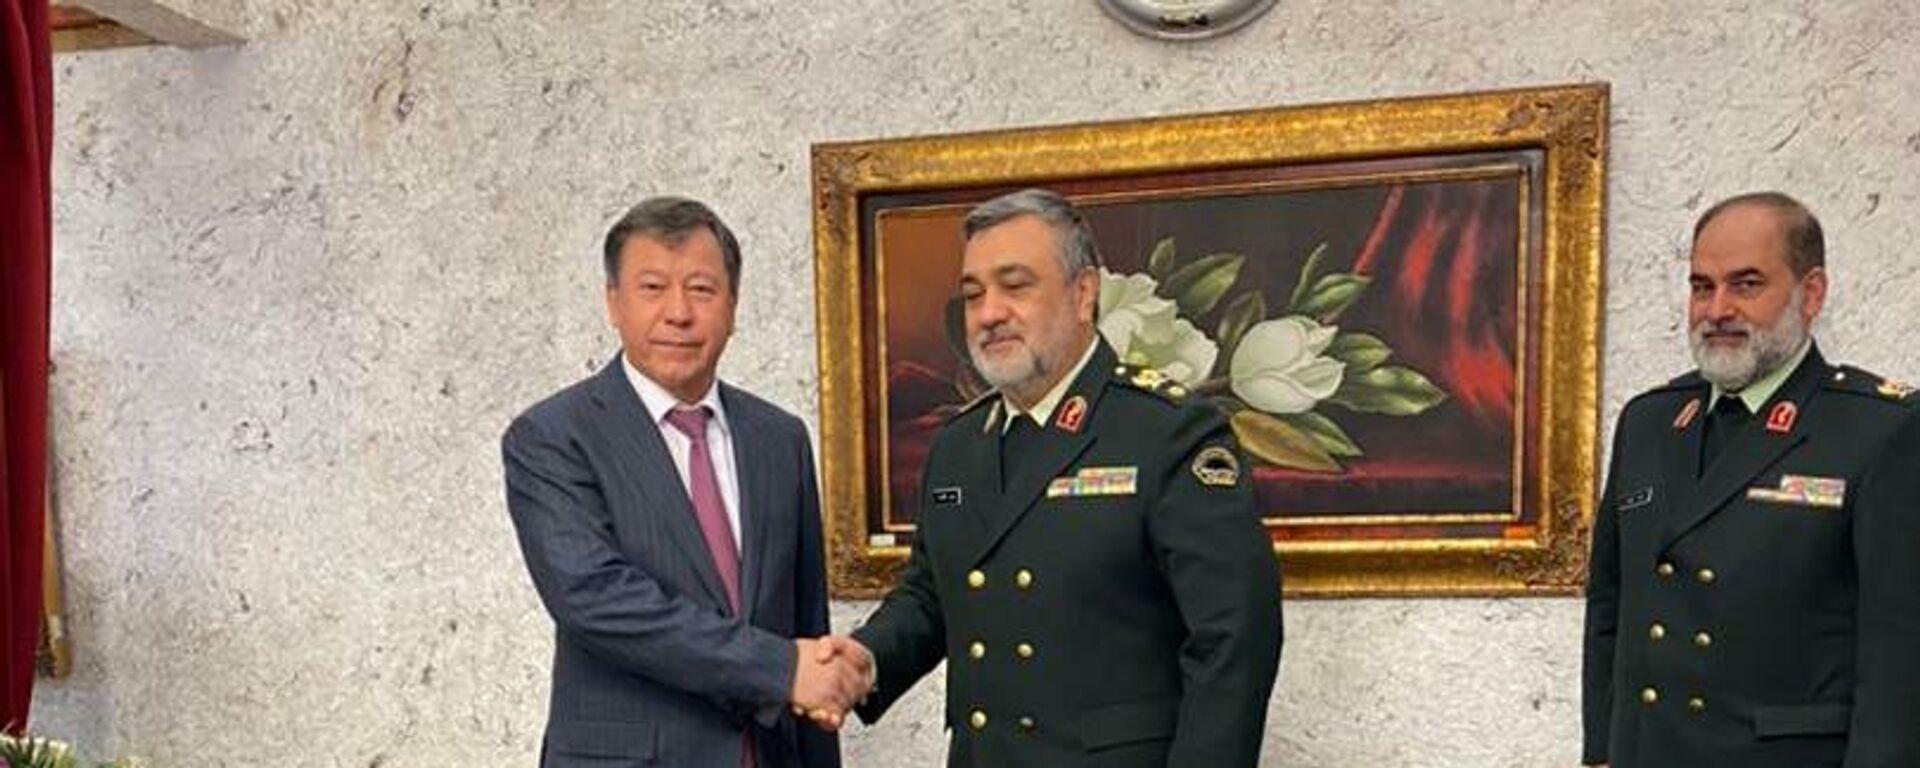 Министр внутренних дел РТ Рахимзода Рамазон посетил Выставку военной техники Исламской Республики Иран, а также вооружения и тяжелой военной техники - Sputnik Тоҷикистон, 1920, 04.06.2021